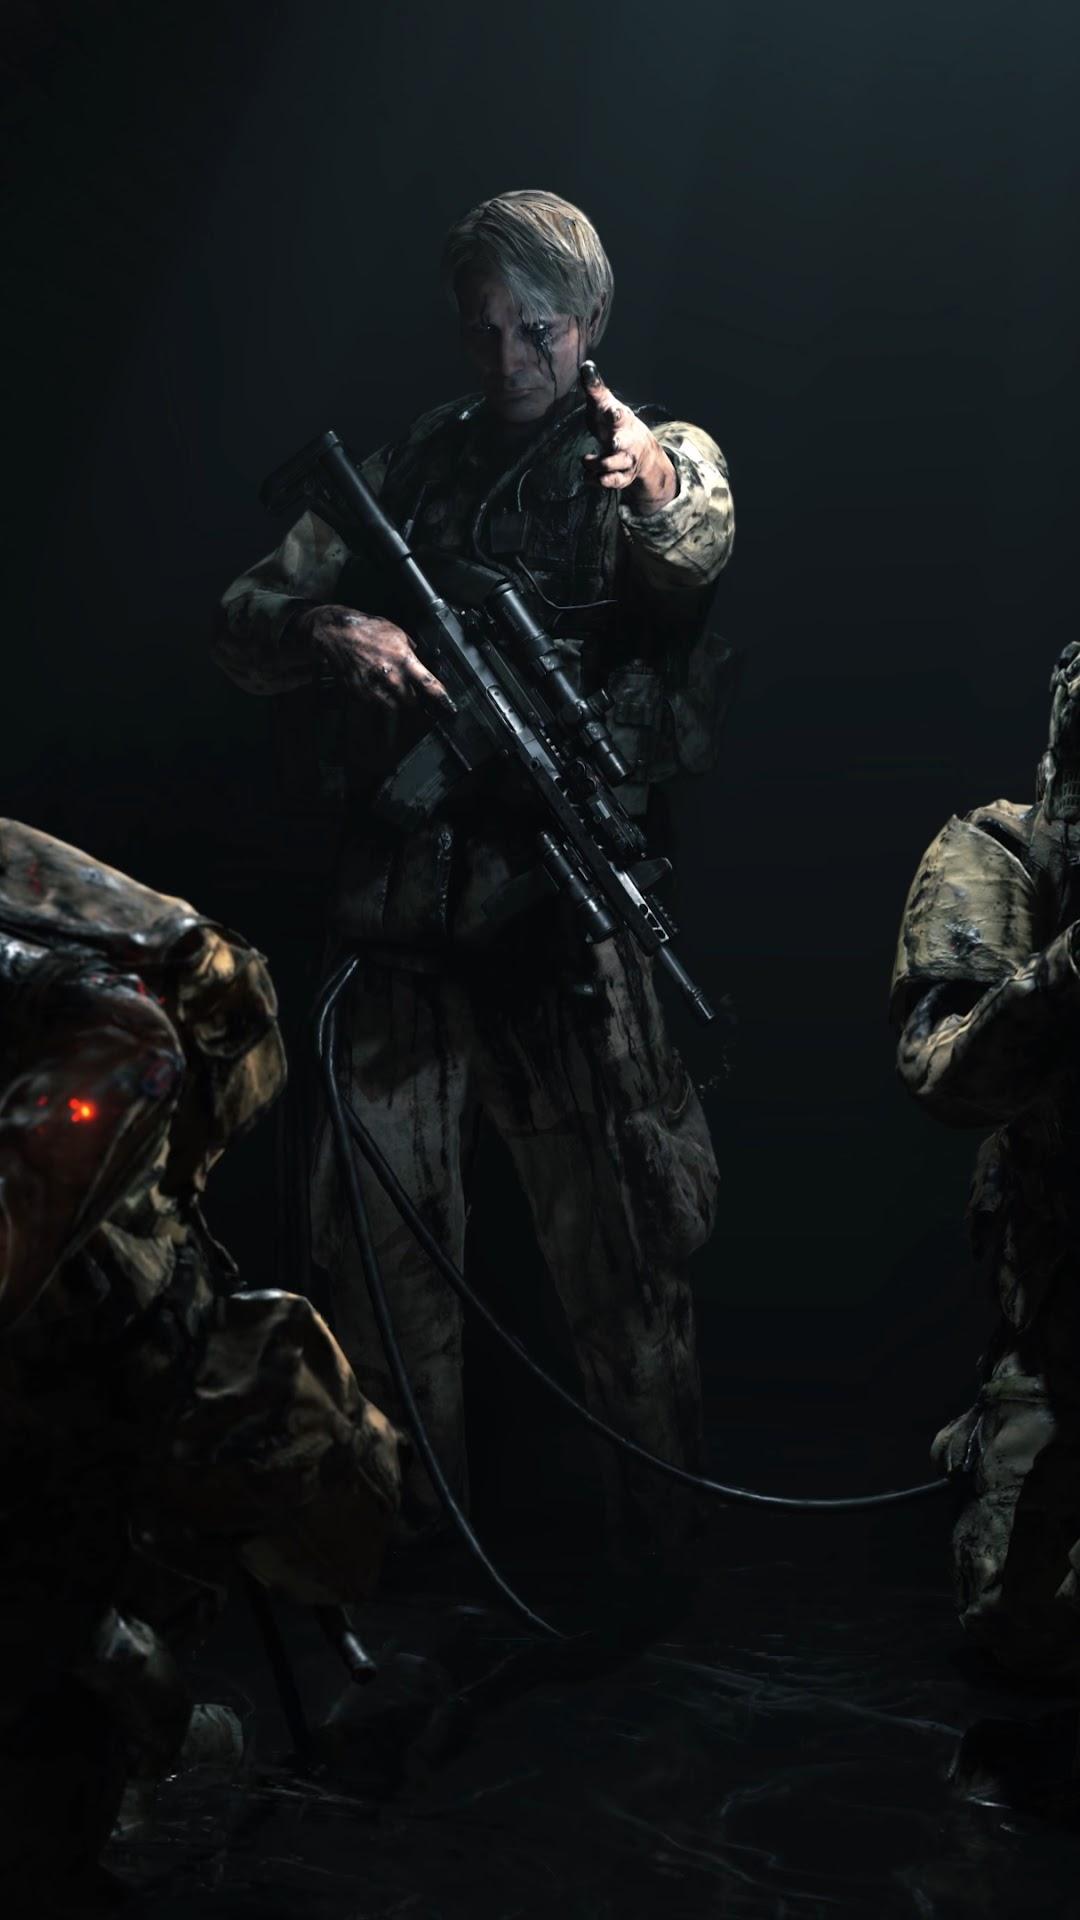 Death Stranding Cliff Skeleton Soldiers Mads Mikkelsen 4k